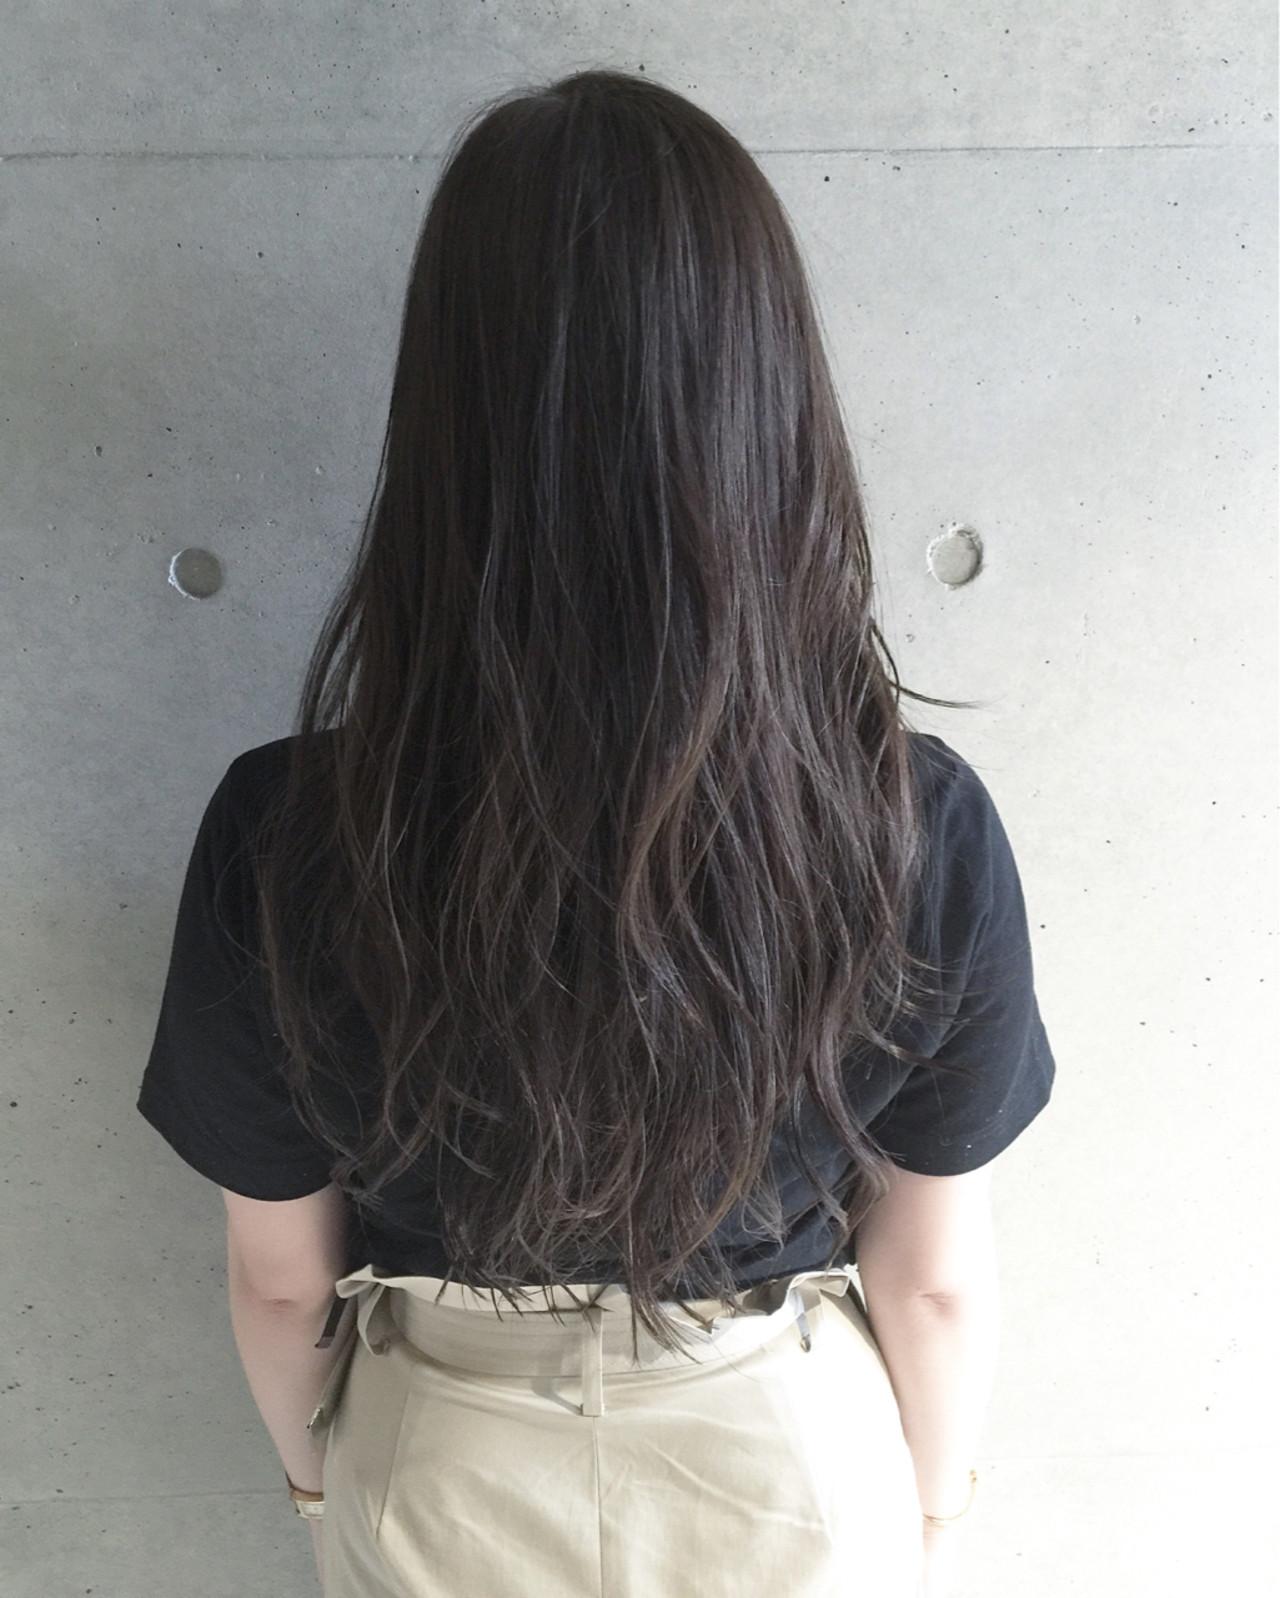 ナチュラル 暗髪 ロング ブラウンヘアスタイルや髪型の写真・画像